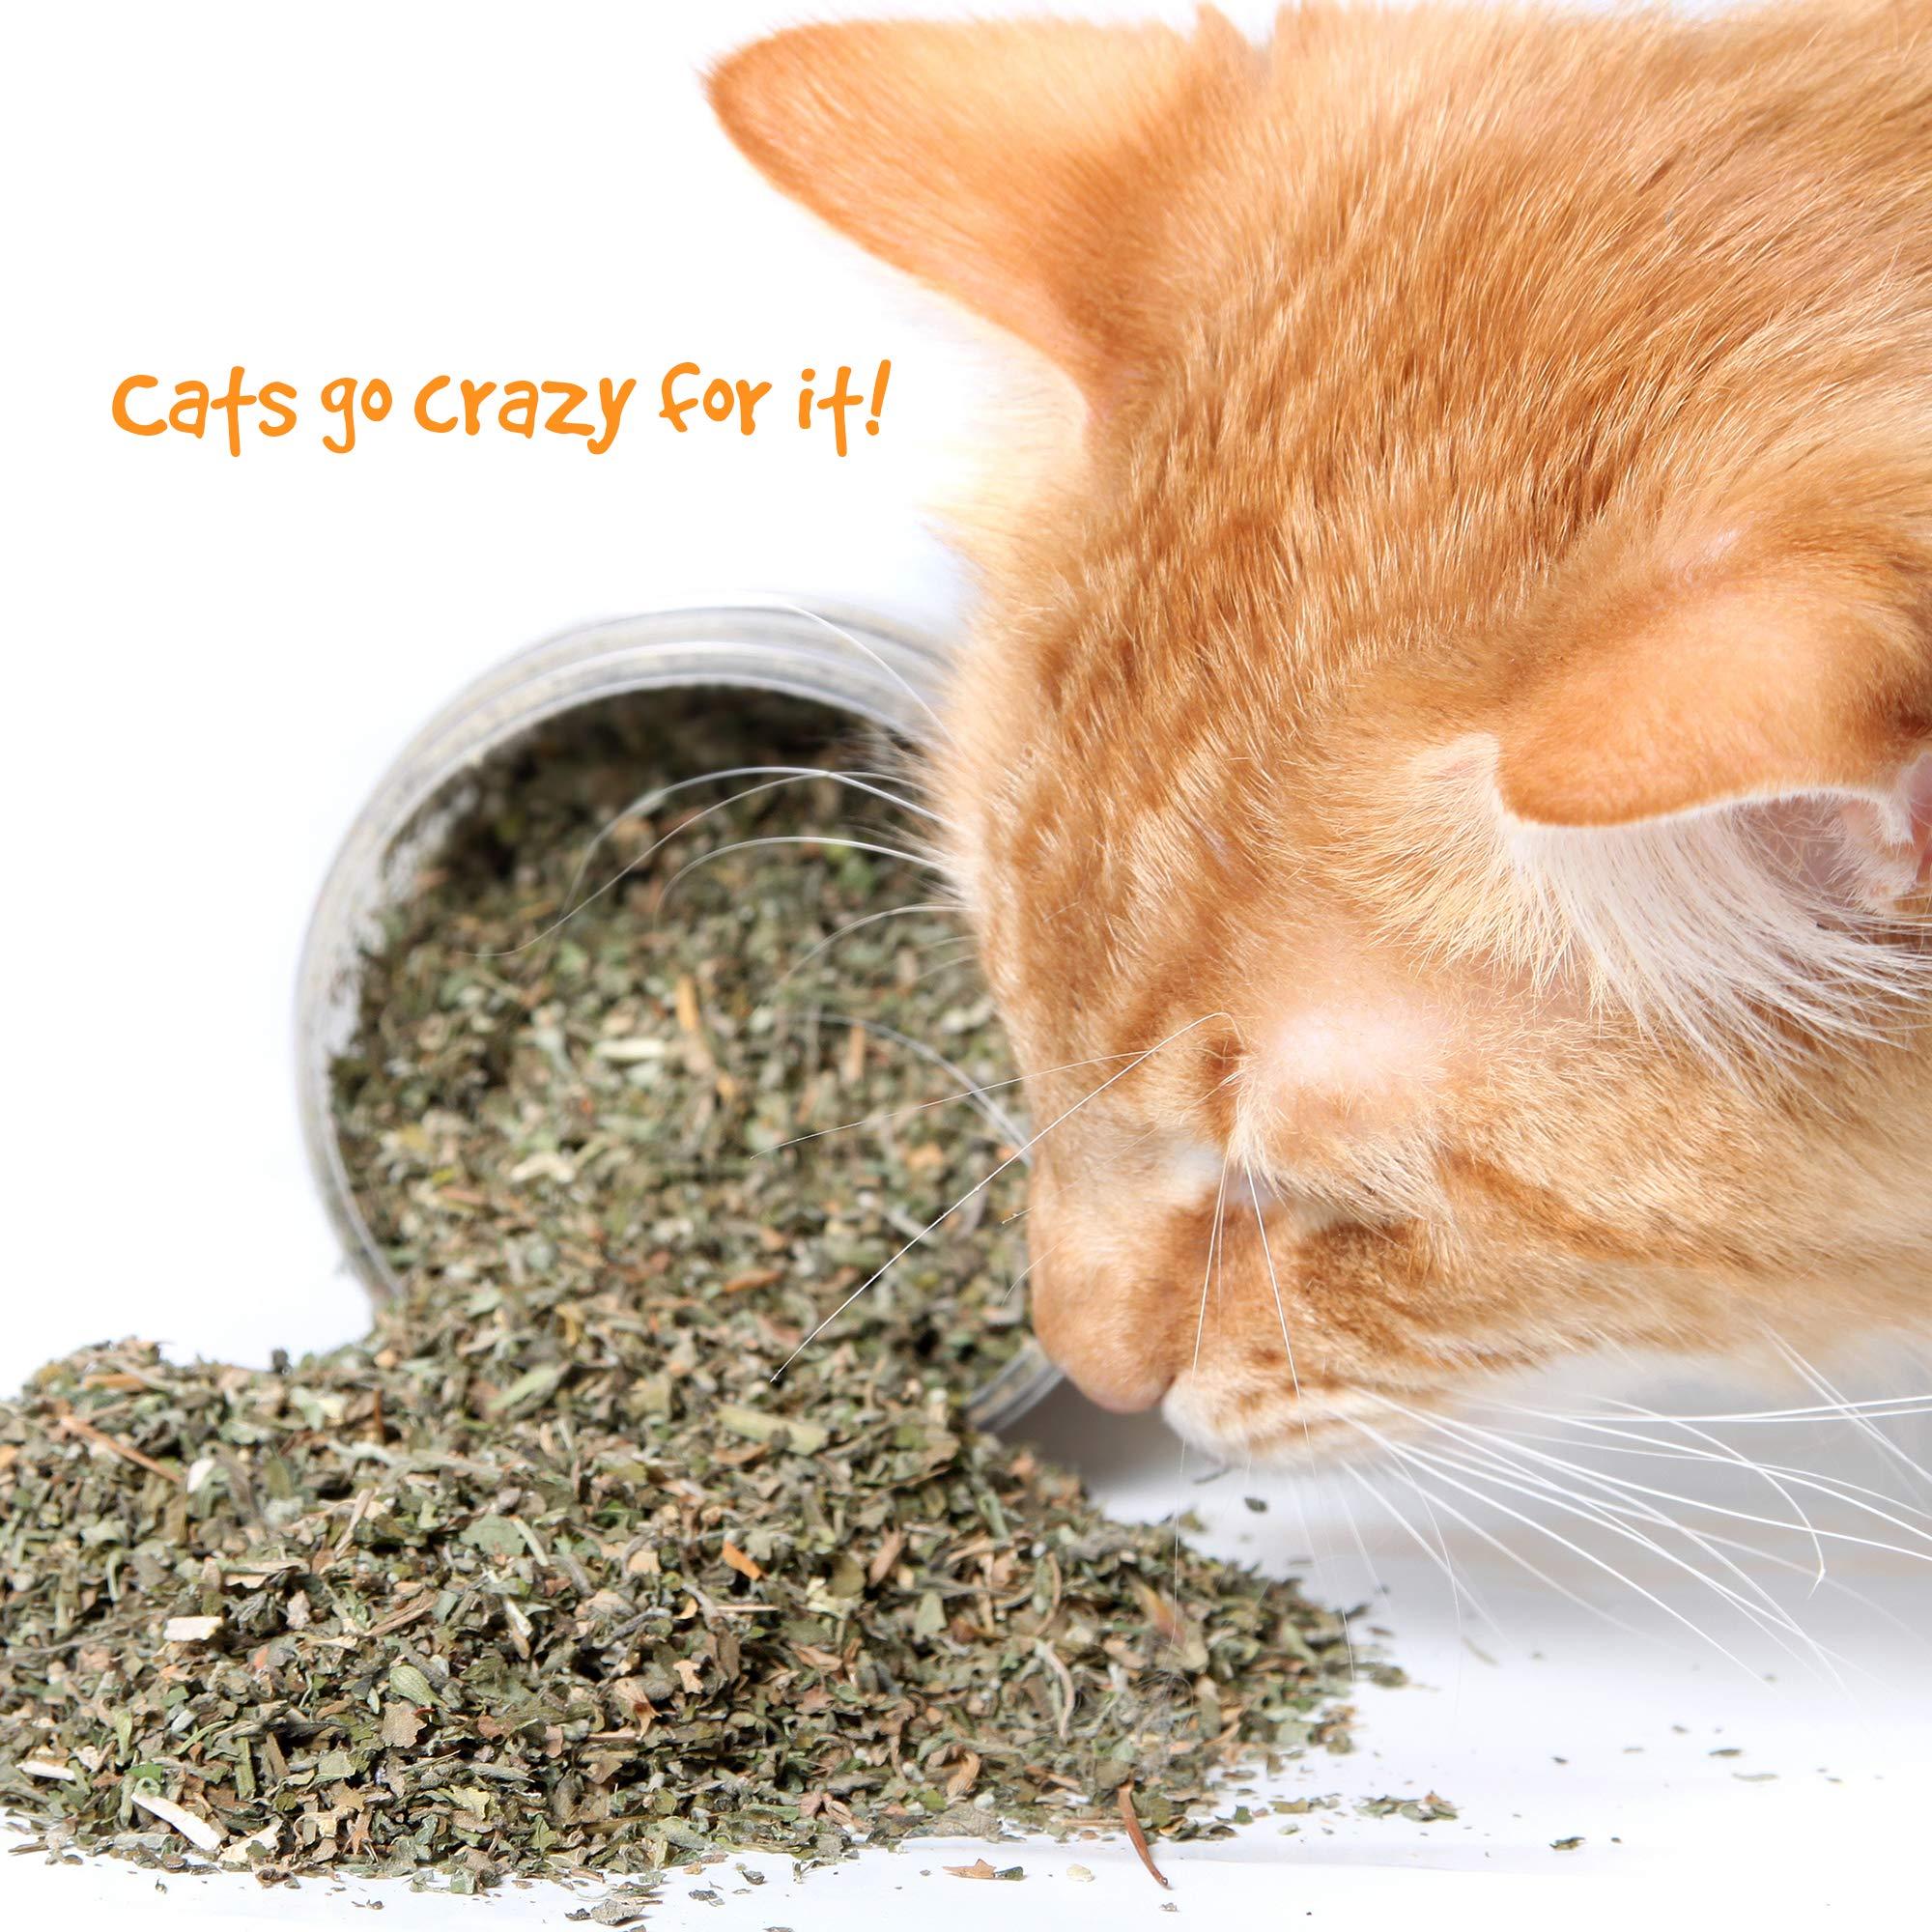 CatNip for cats, 81ERkETNfmL